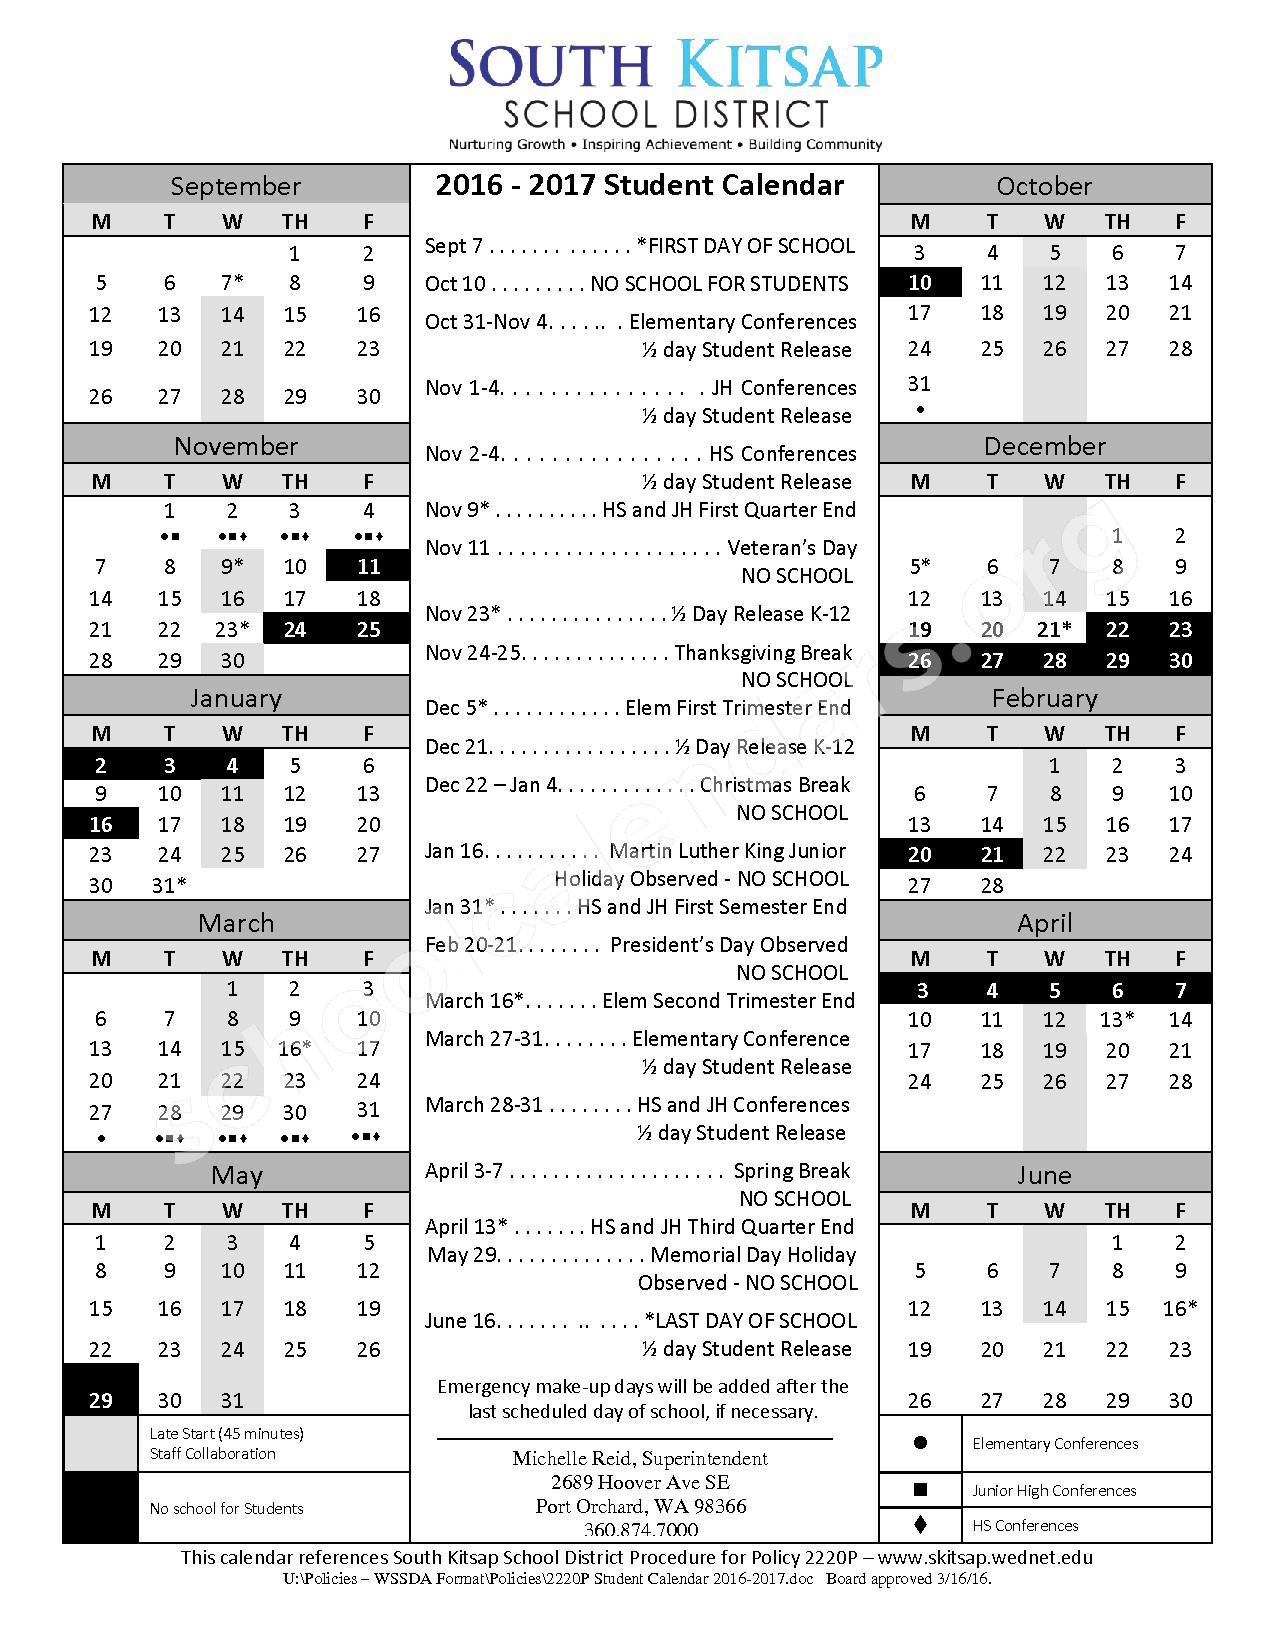 2016 - 2017 School Calendar – South Kitsap School District – page 1